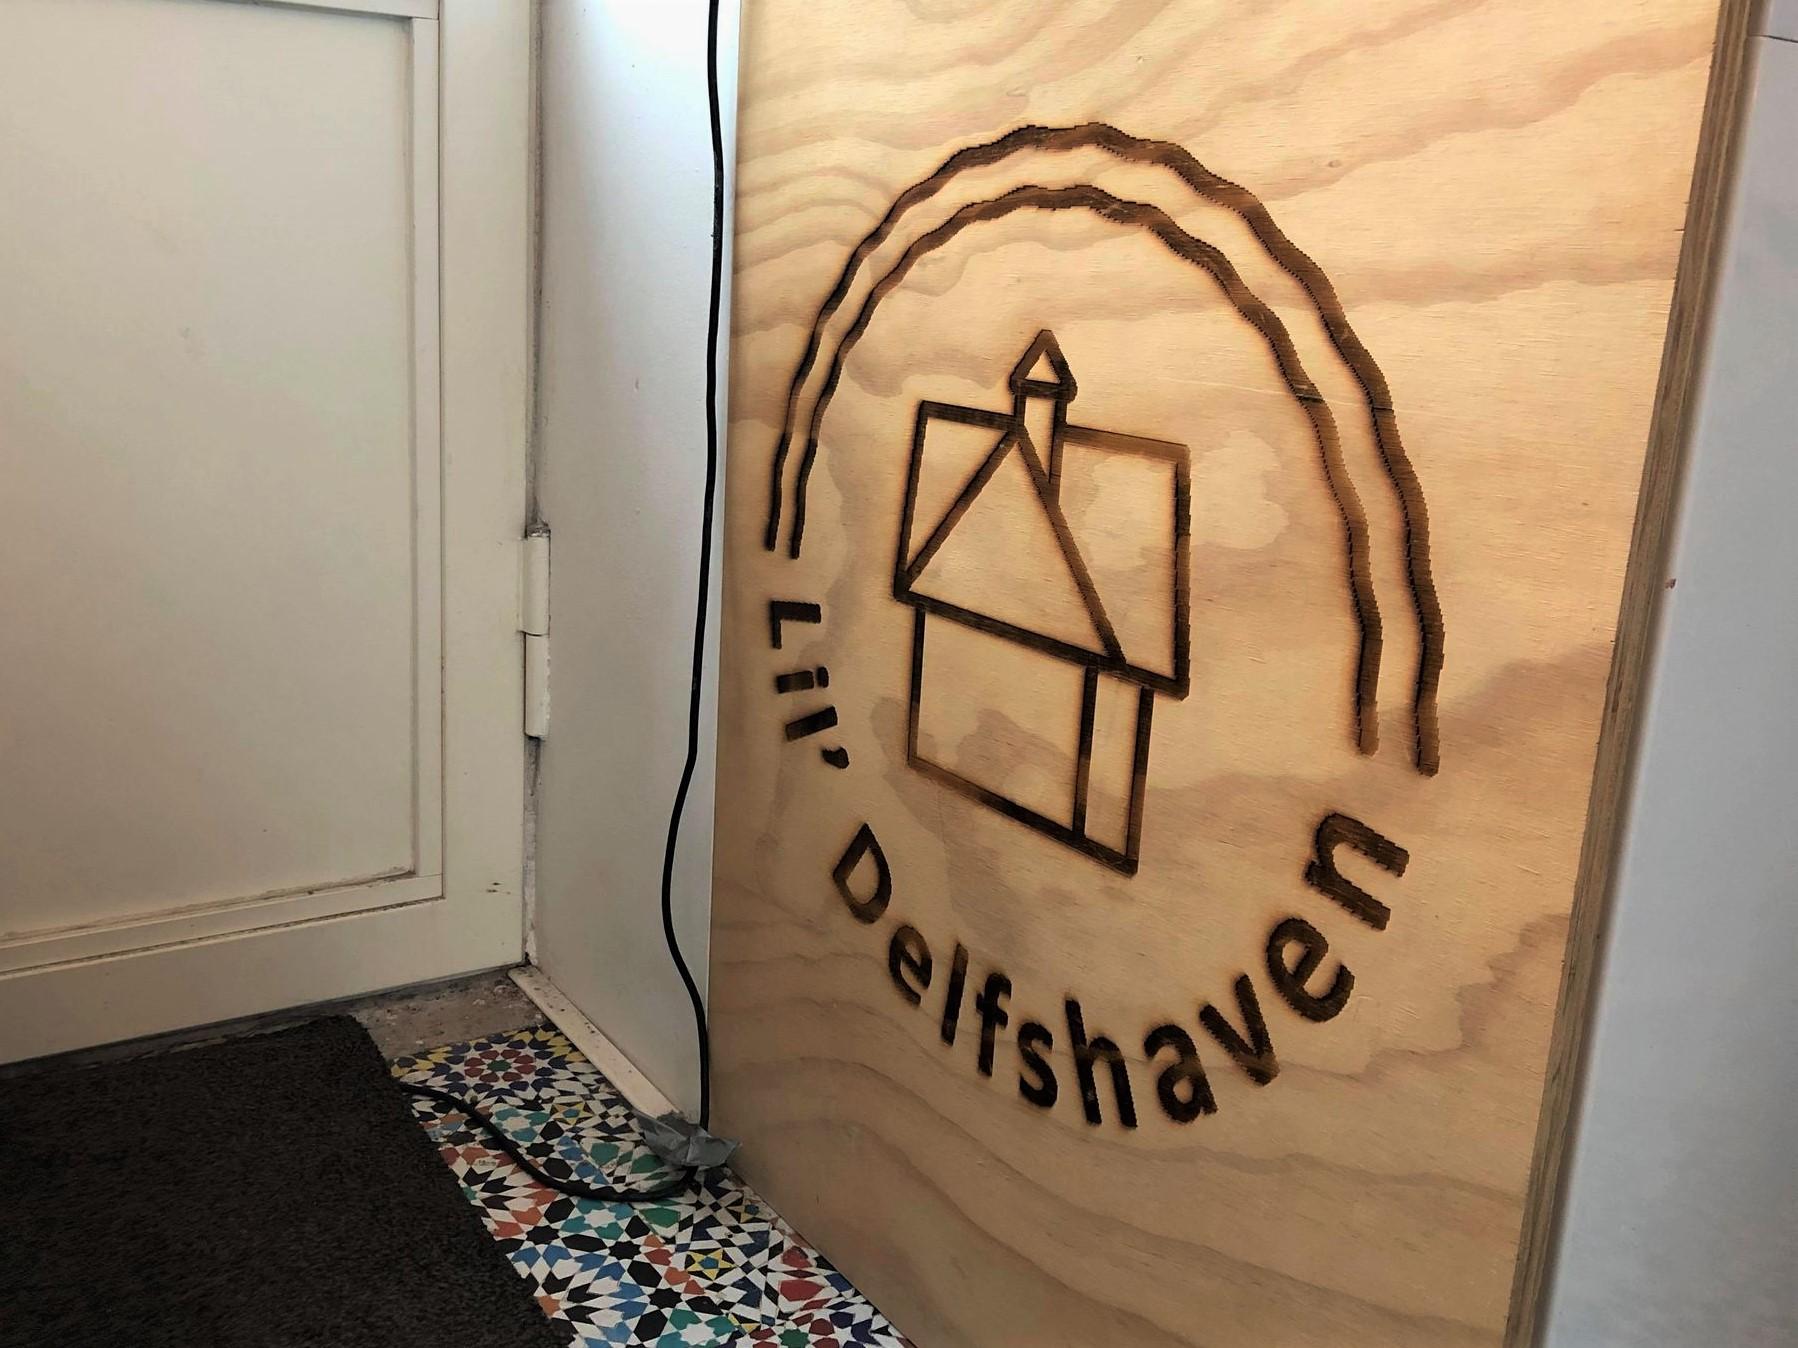 lil delfshaven logo